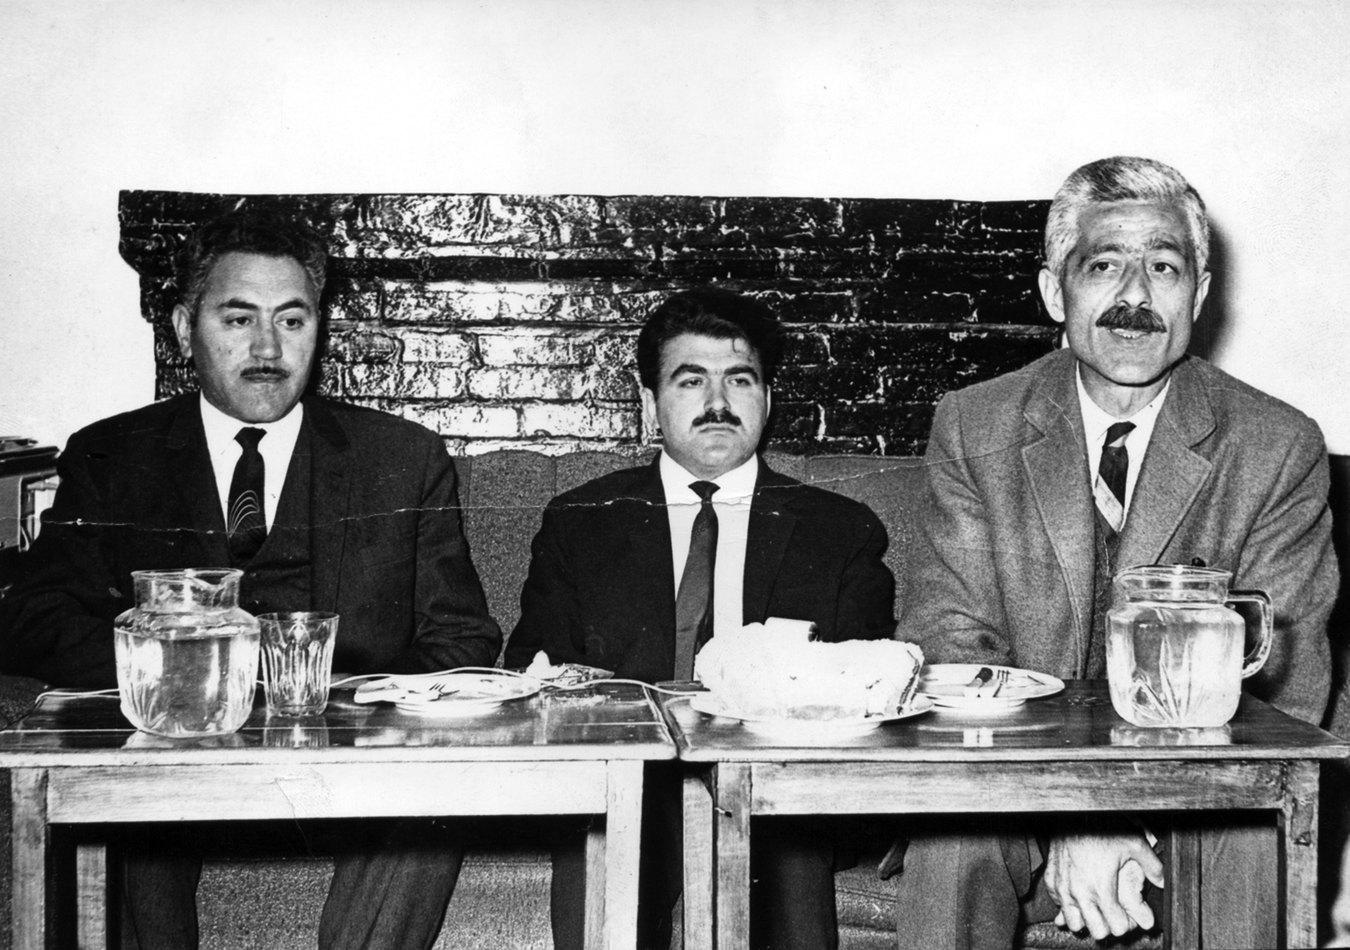 غلامحسین ساعدی ۱۹۸۵-۱۹۳۶